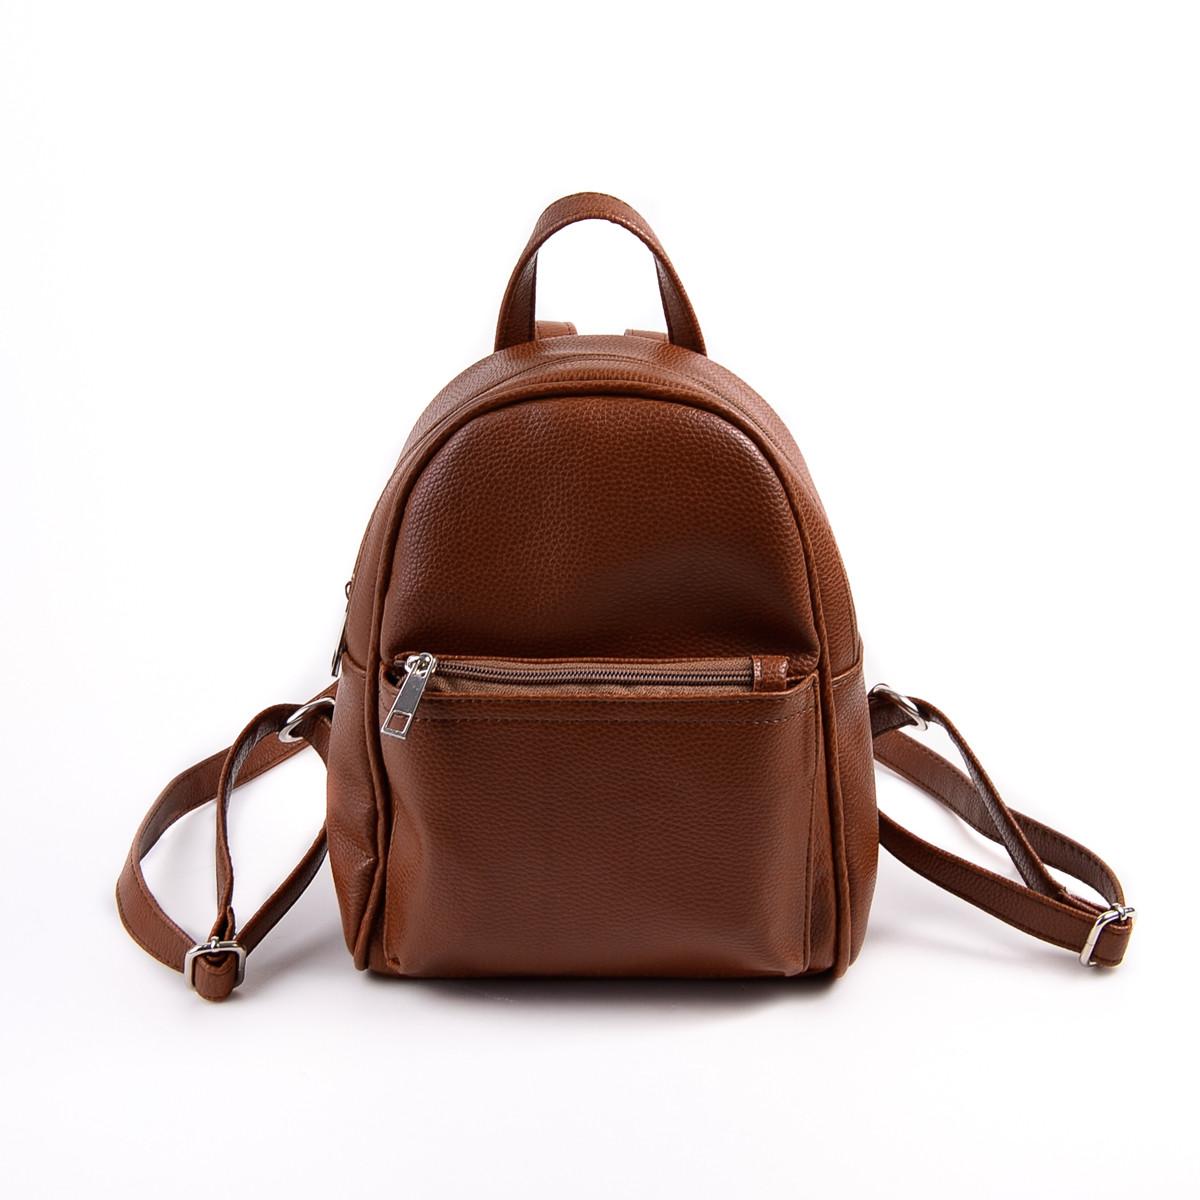 dba9fccf5c52 Женский молодежный рюкзак М124-41, цена 370 грн., купить в Луцке ...